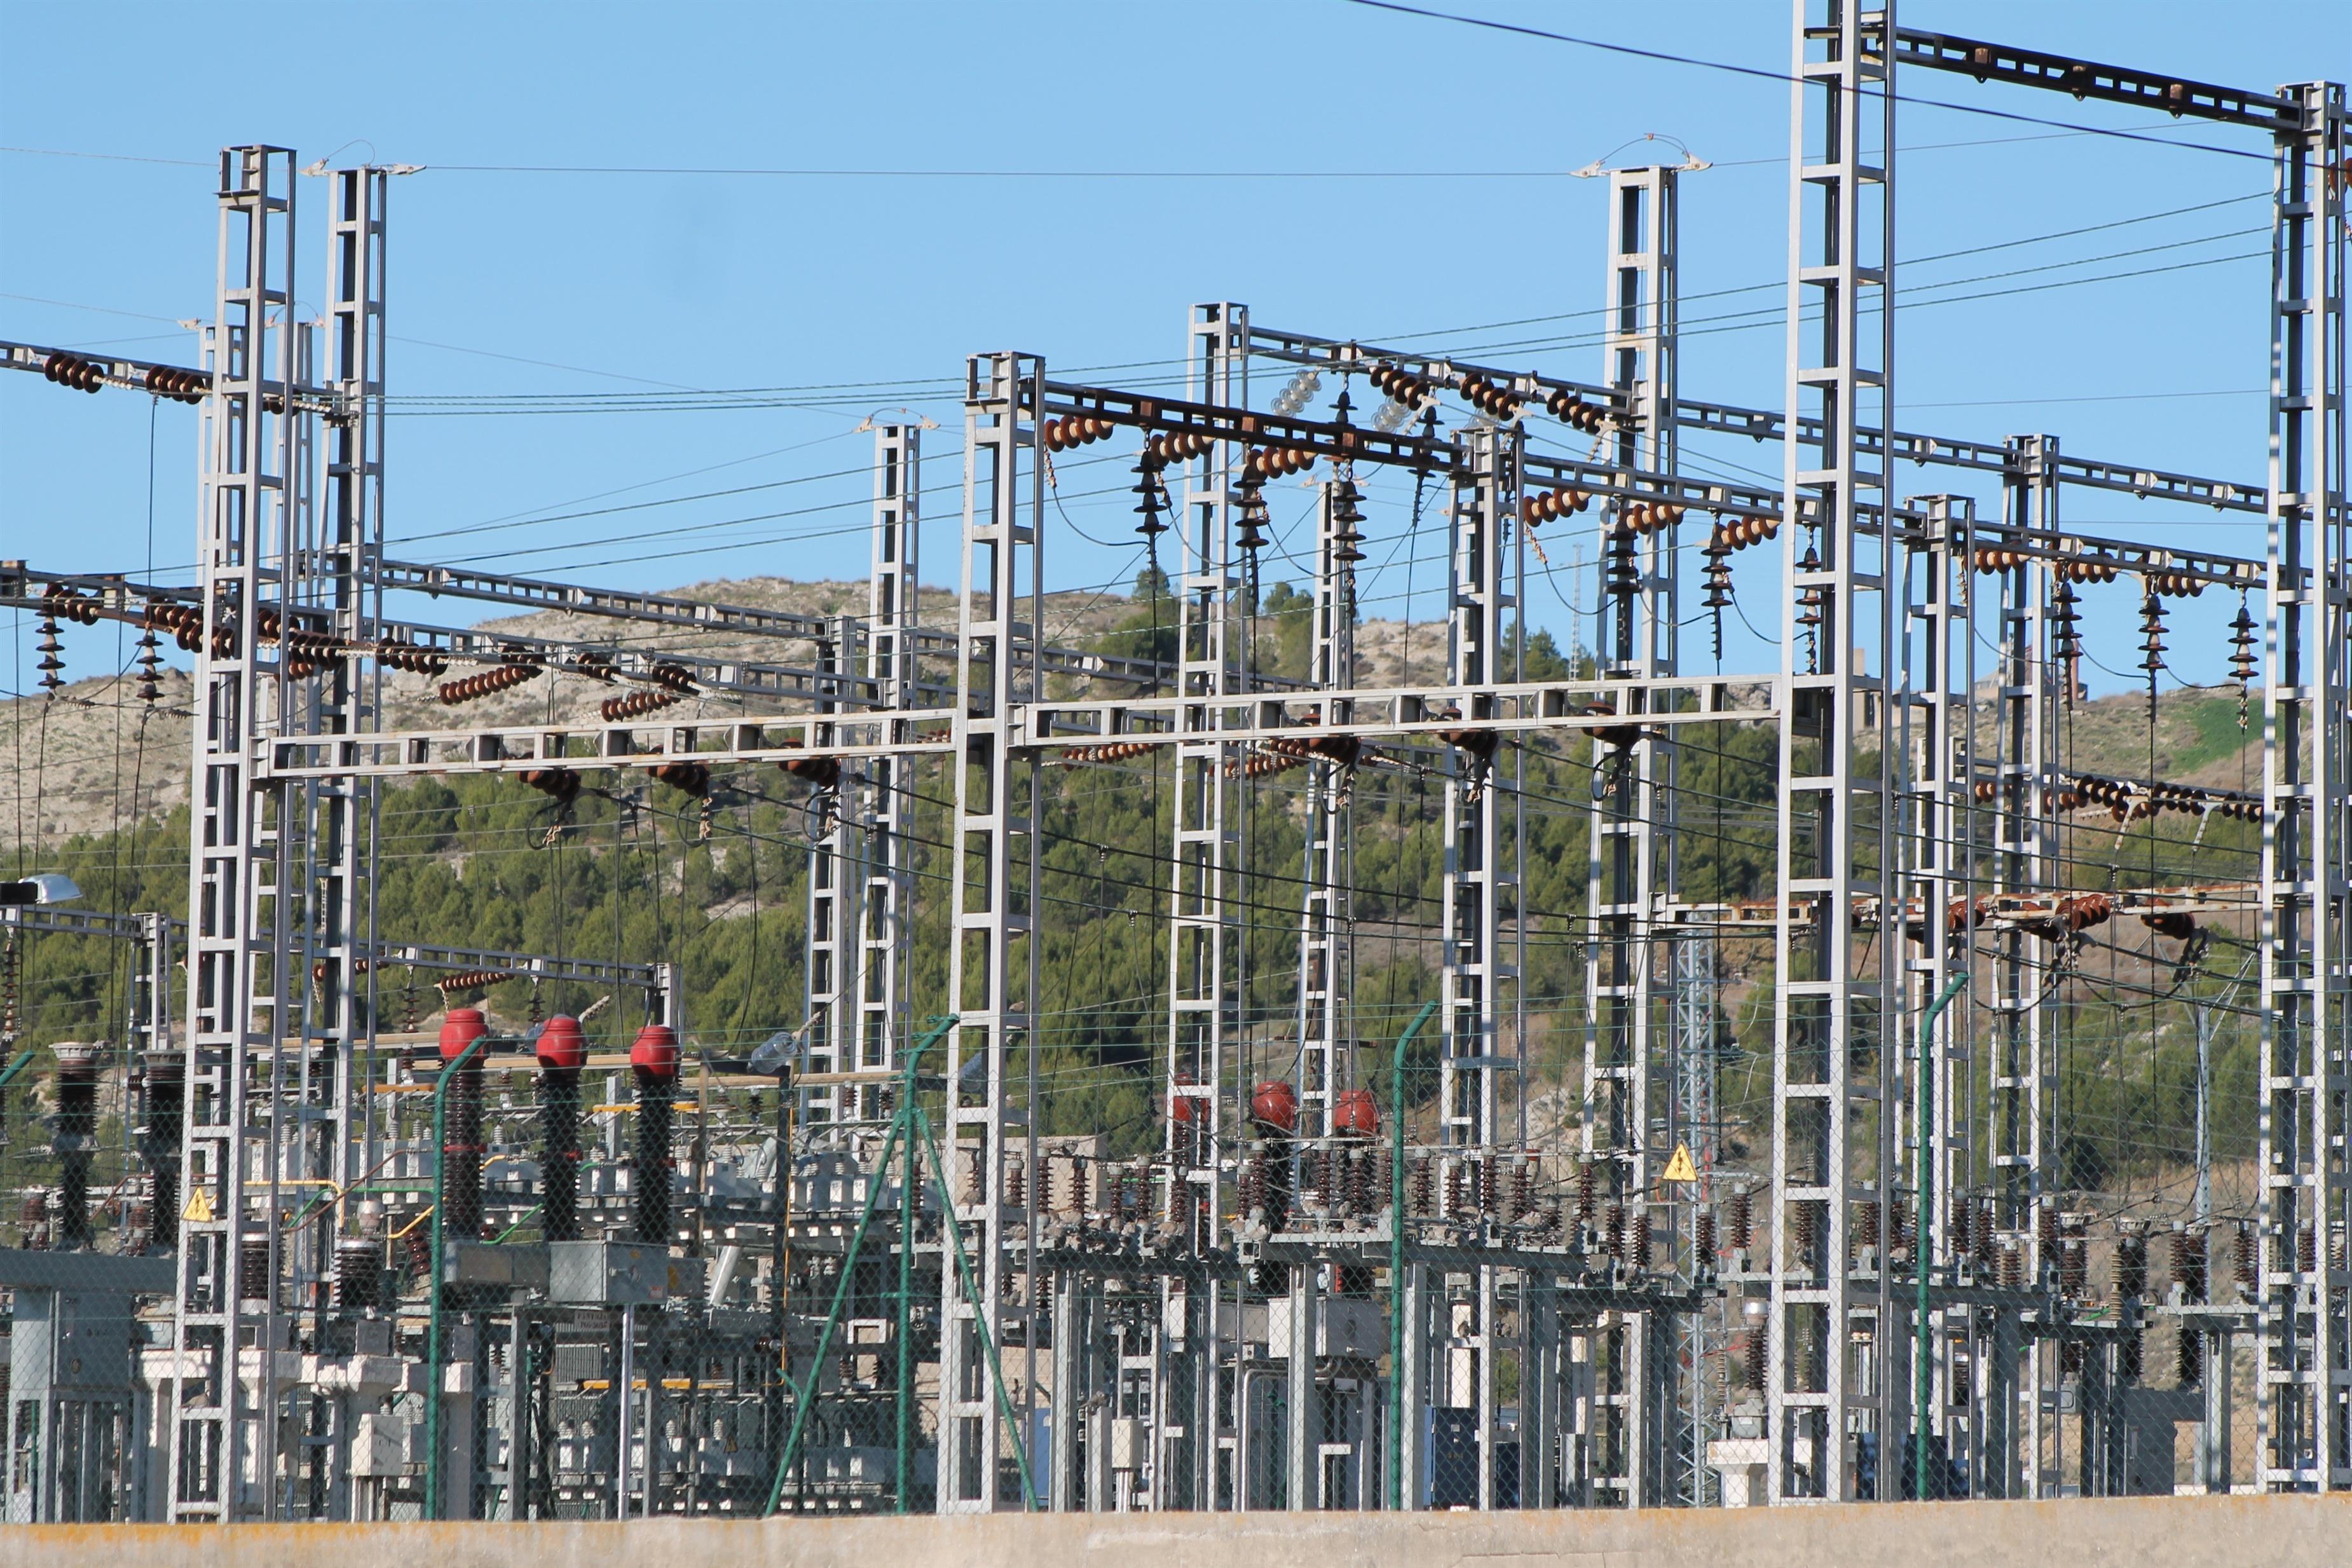 El PP de Cáceres avala la reforma energética por afrontar el déficit tarifario pero critica «las formas y el contenido»